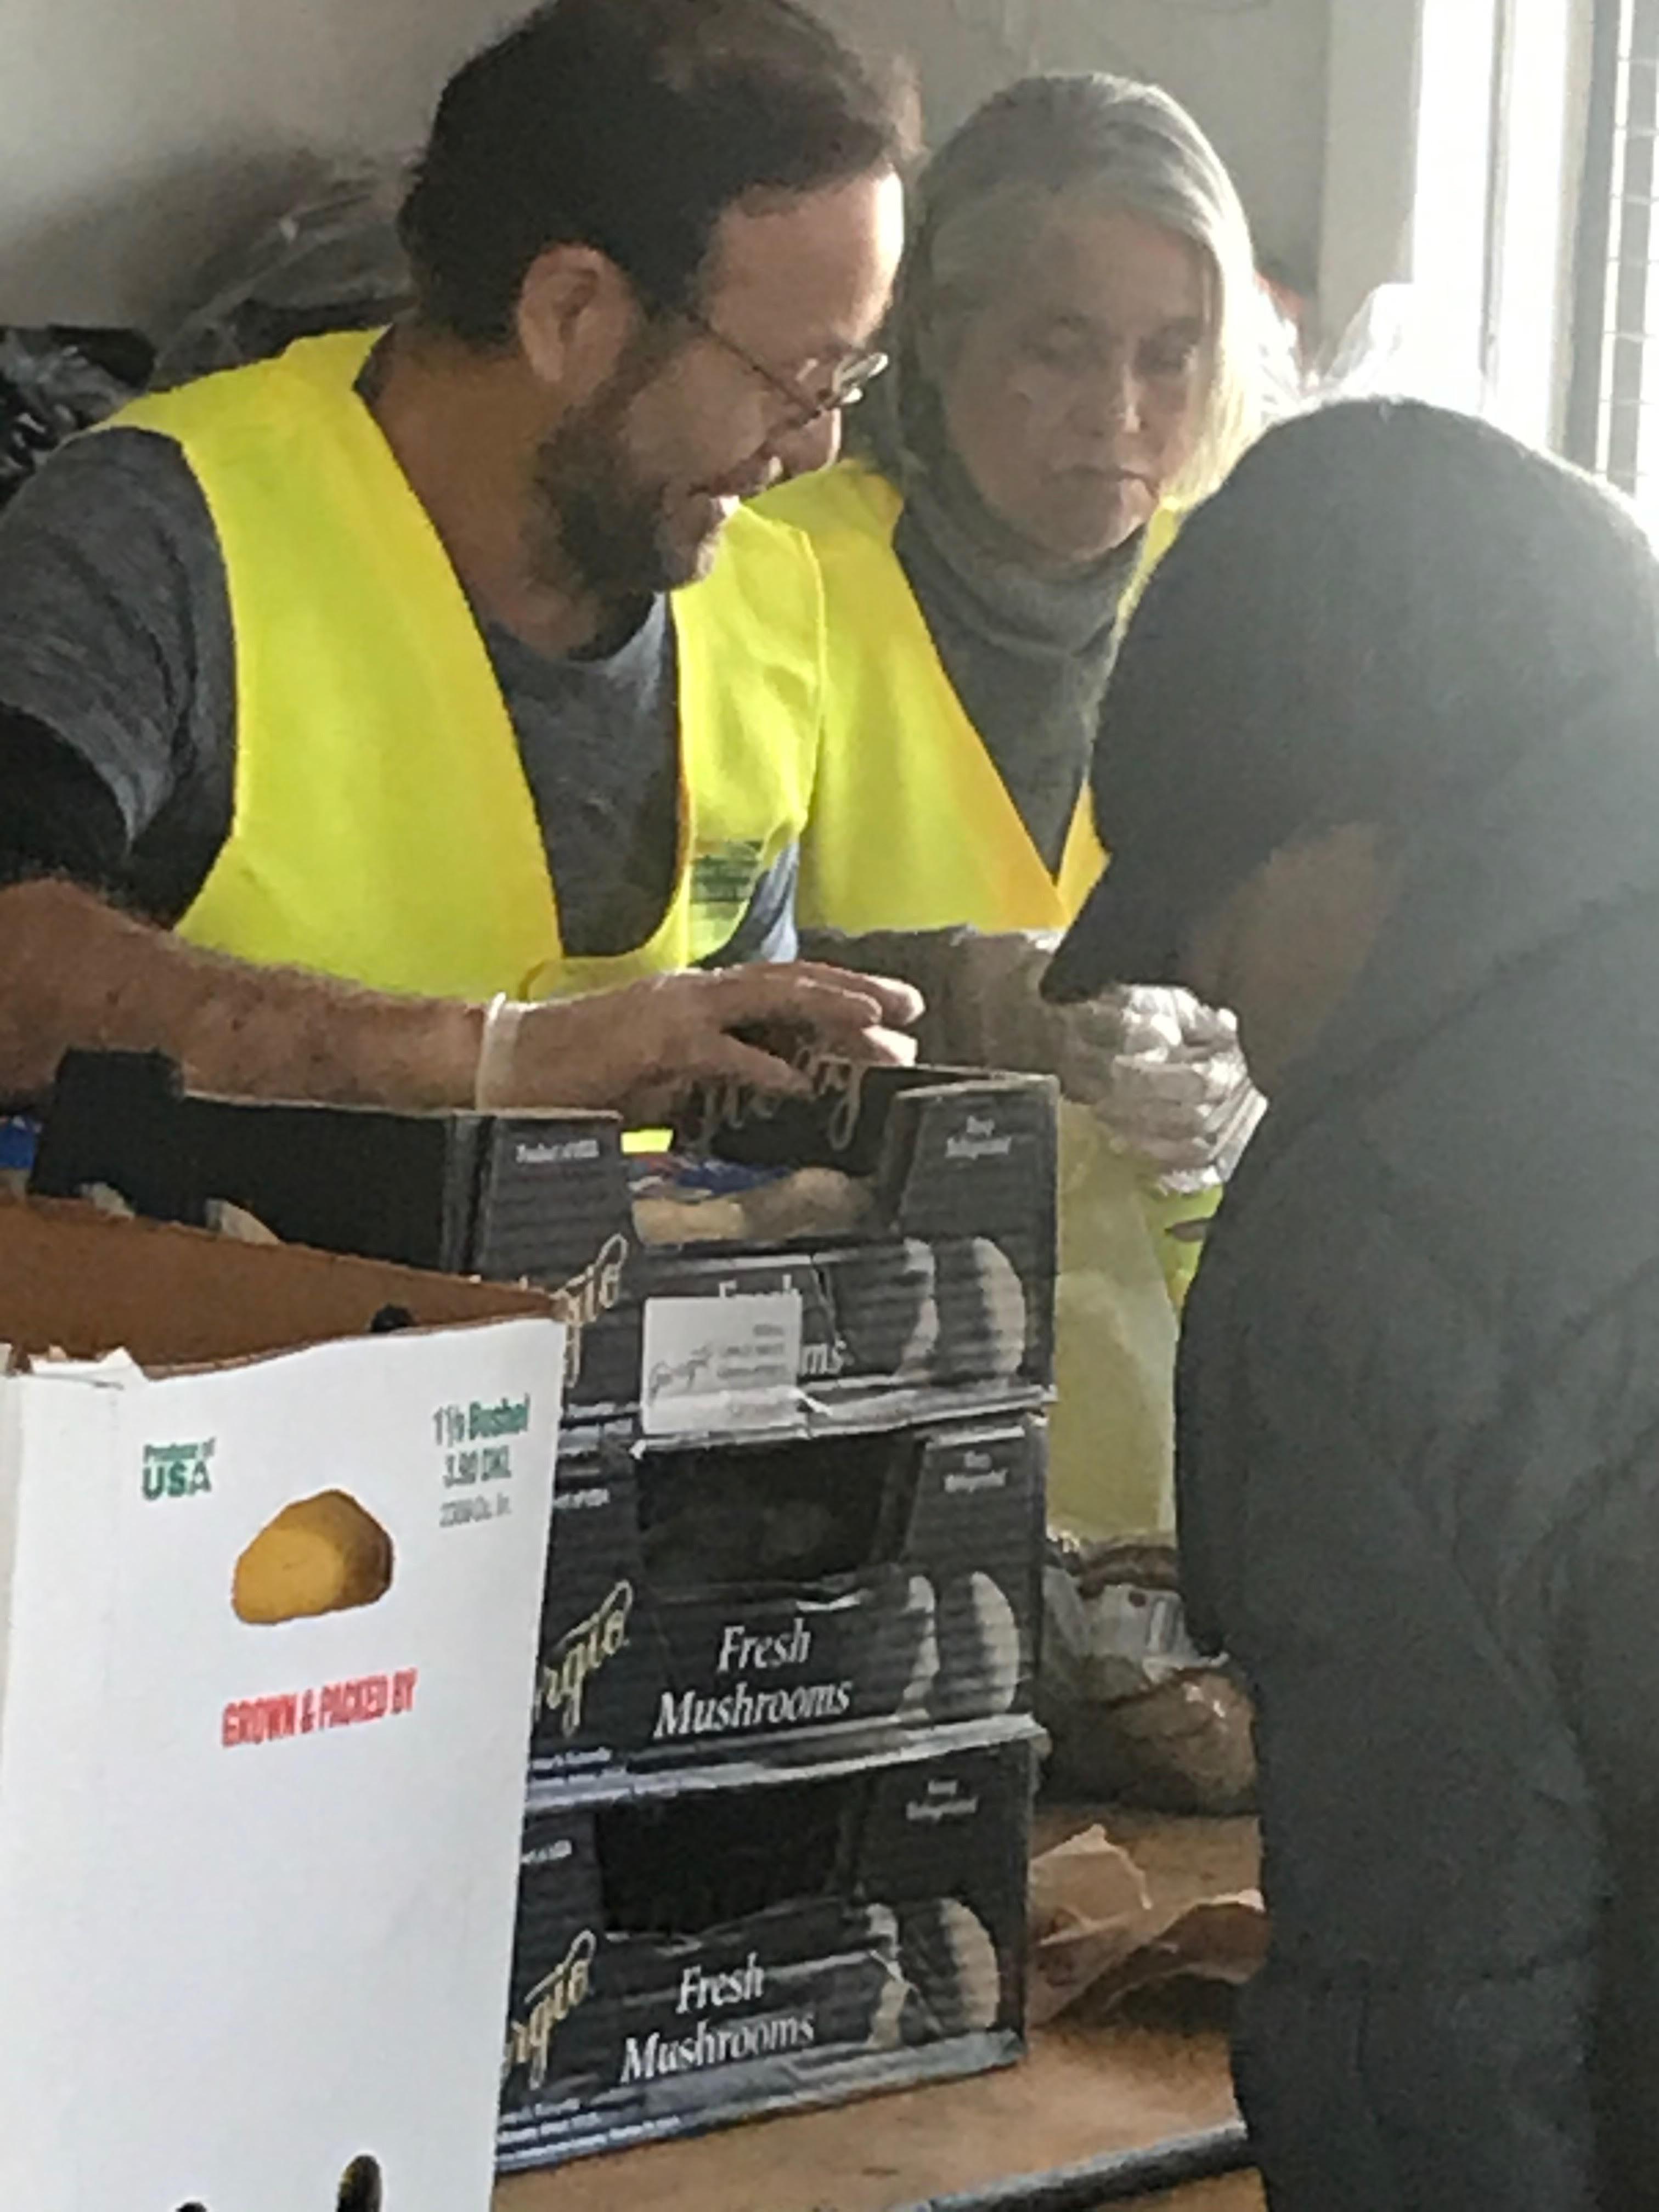 Food pantry workers2